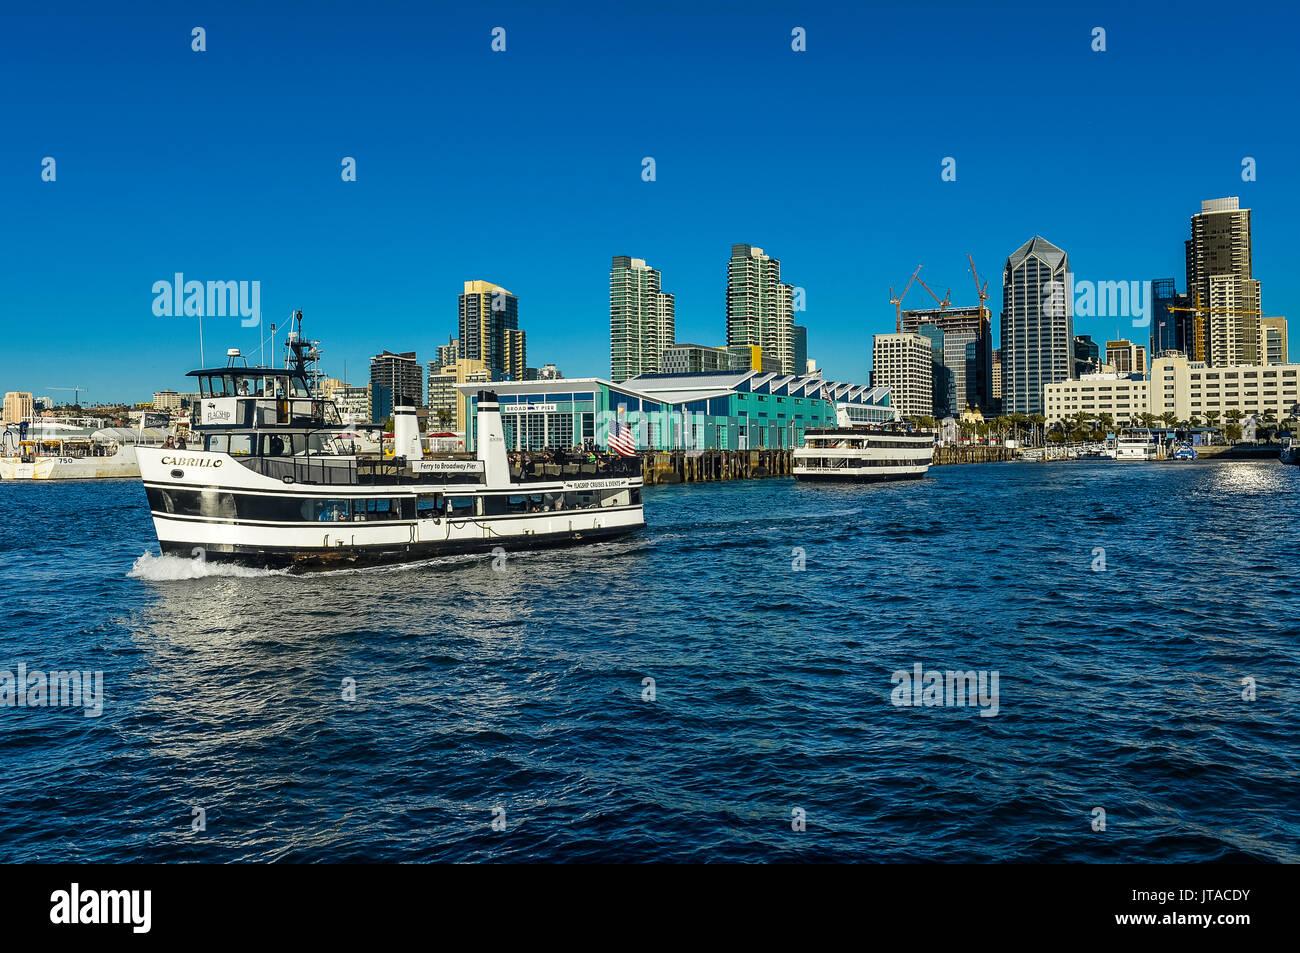 Kleine touristische Kreuzfahrtschiff mit der Skyline im Hintergrund, Hafen von San Diego, Kalifornien, USA, Nordamerika Stockbild